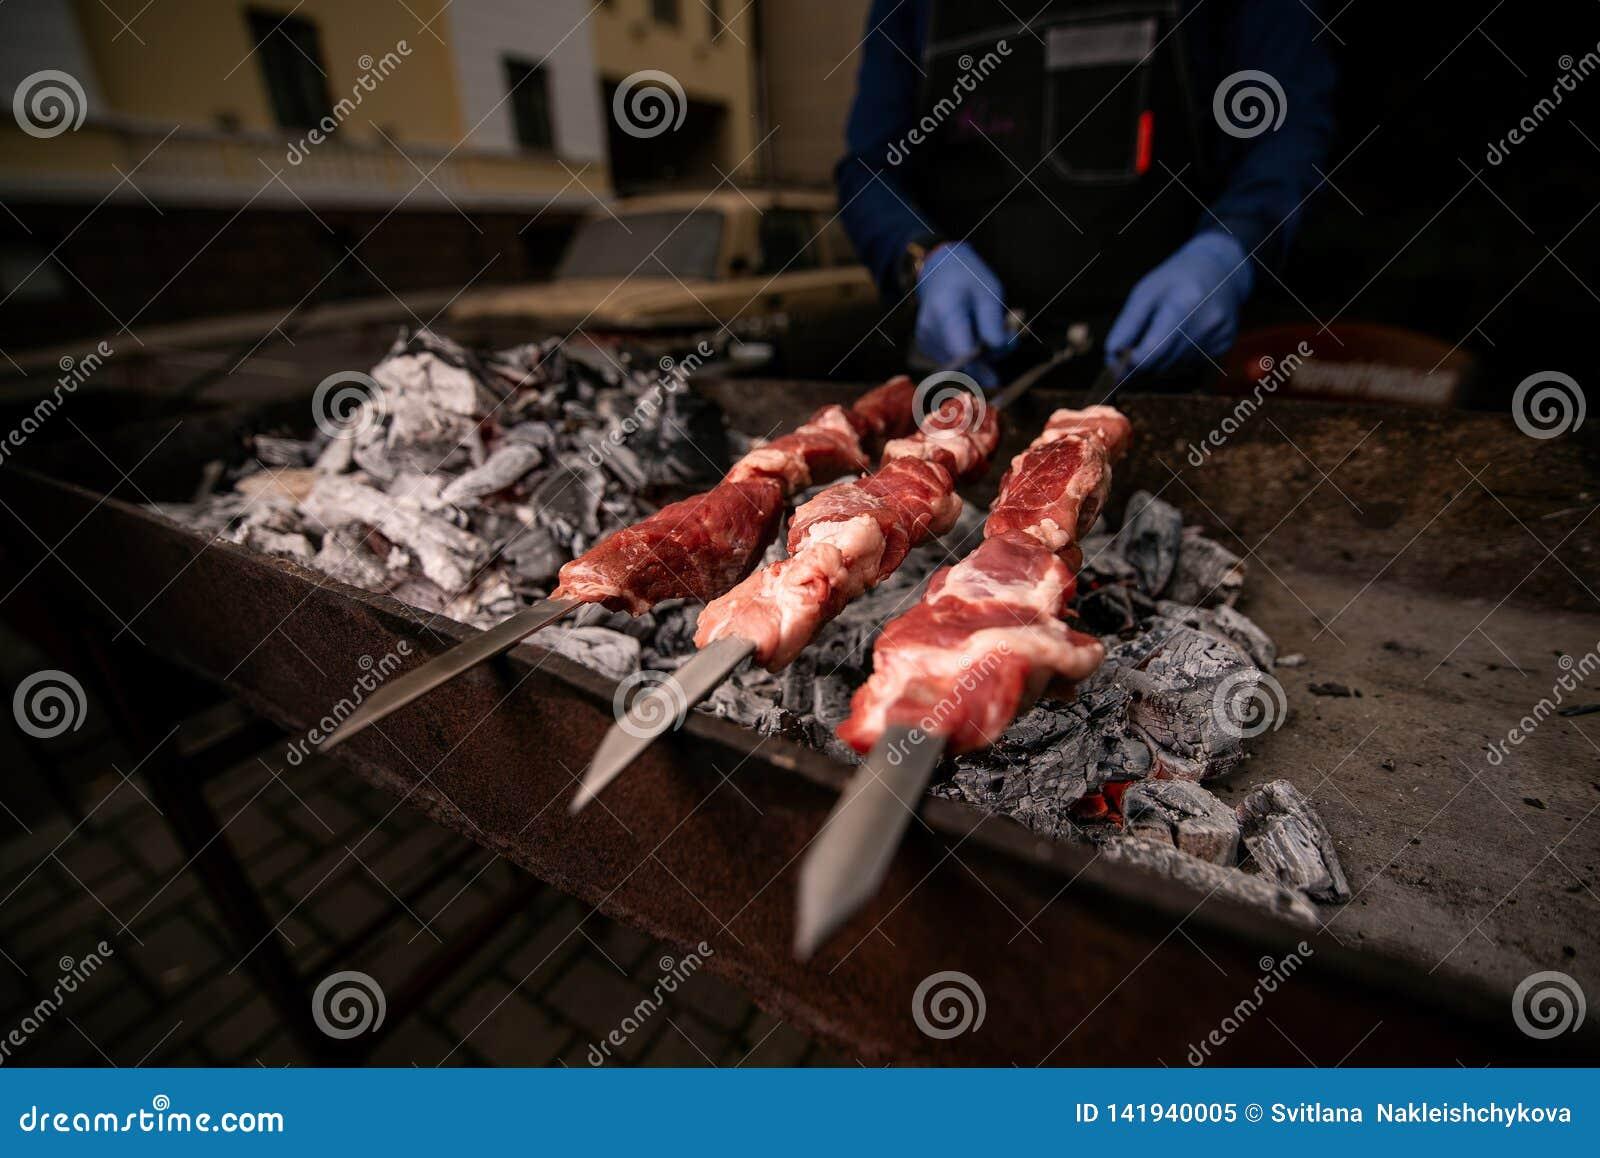 De handenkoks in blauwe handschoenen houden vleespennen met vlees op de grill